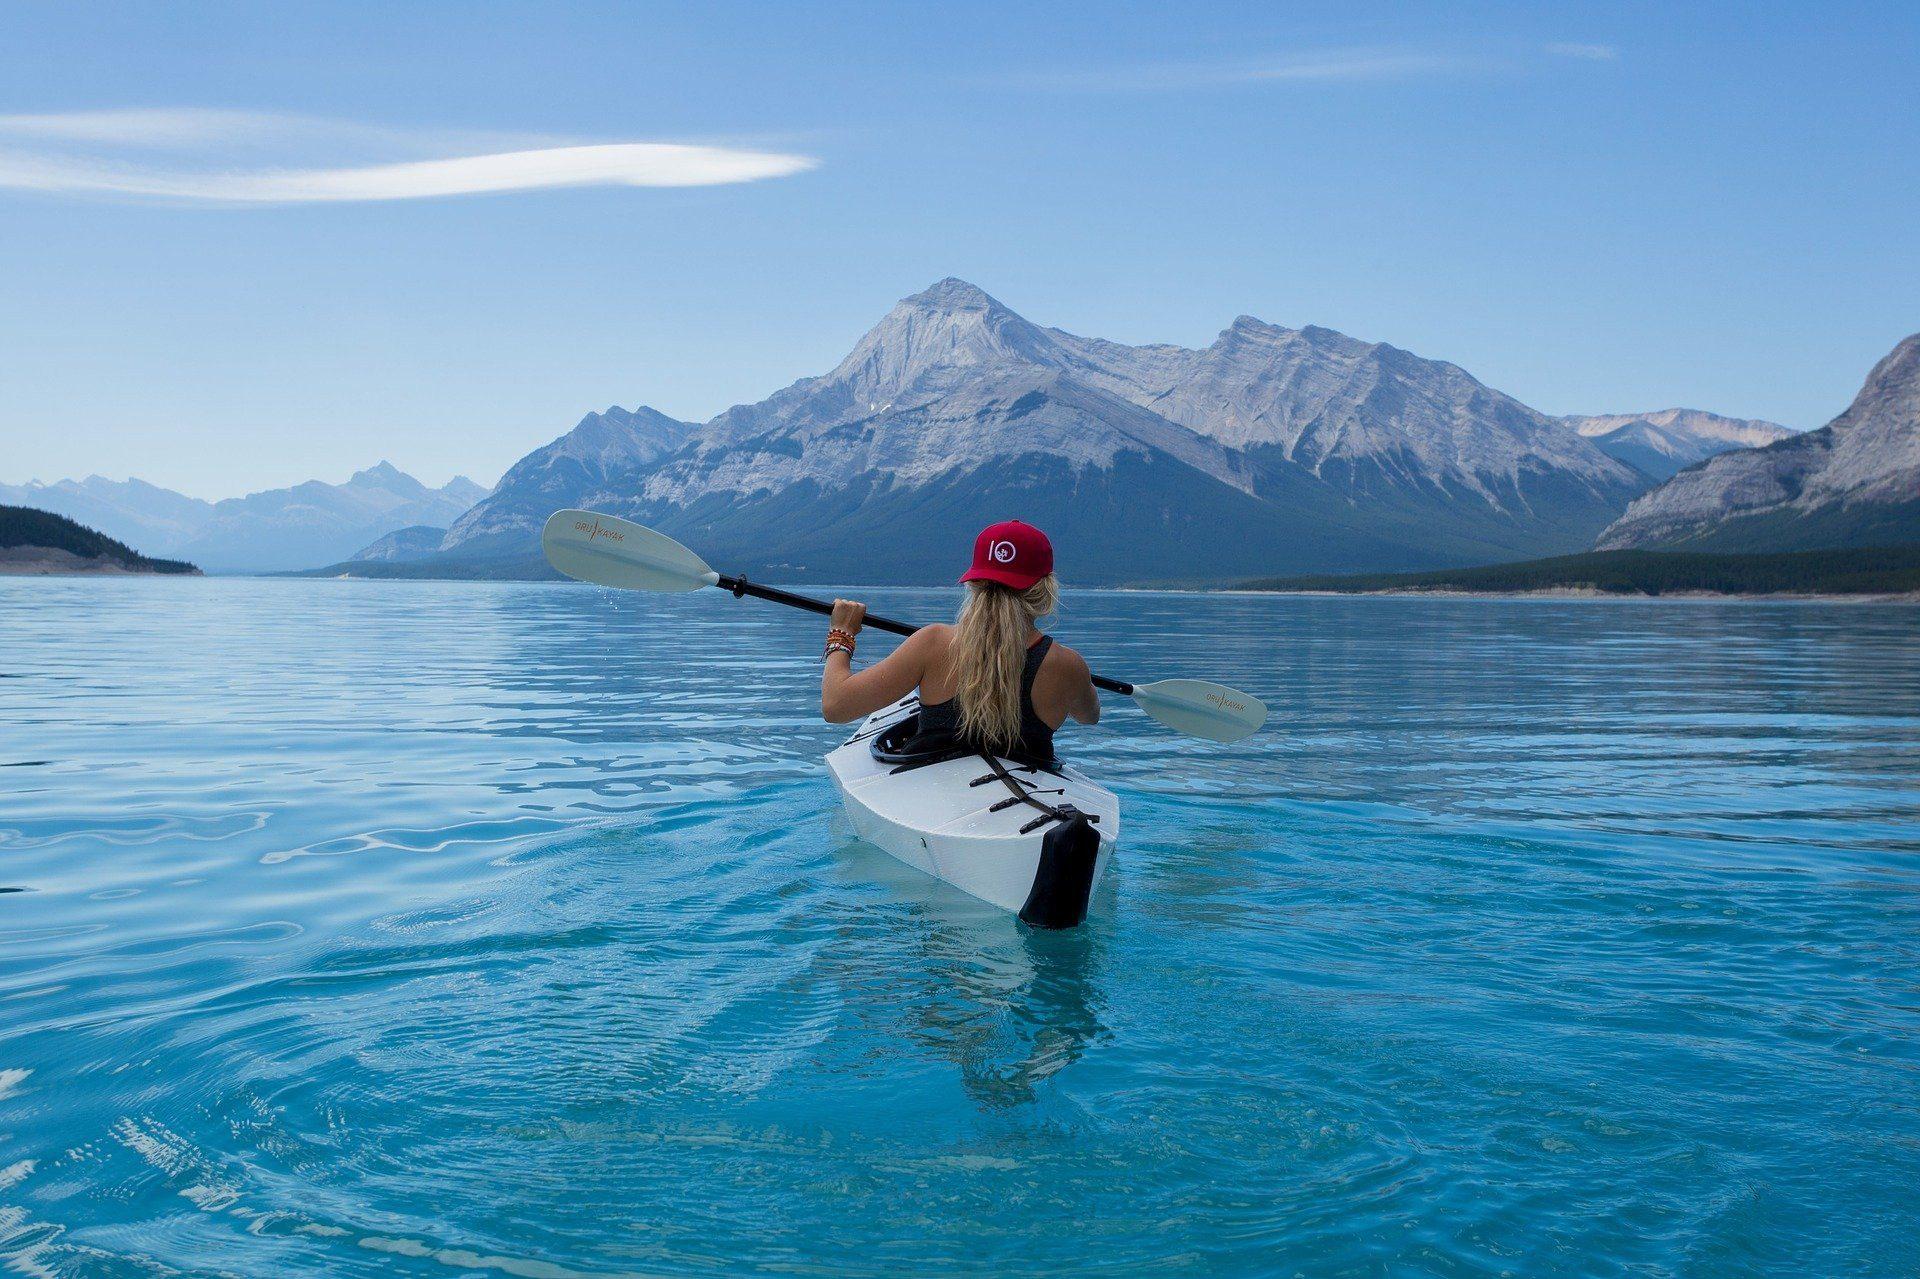 Où pratiquer du kayak en Europe et dans les pays nordiques ? Picksea - SAS Nauting